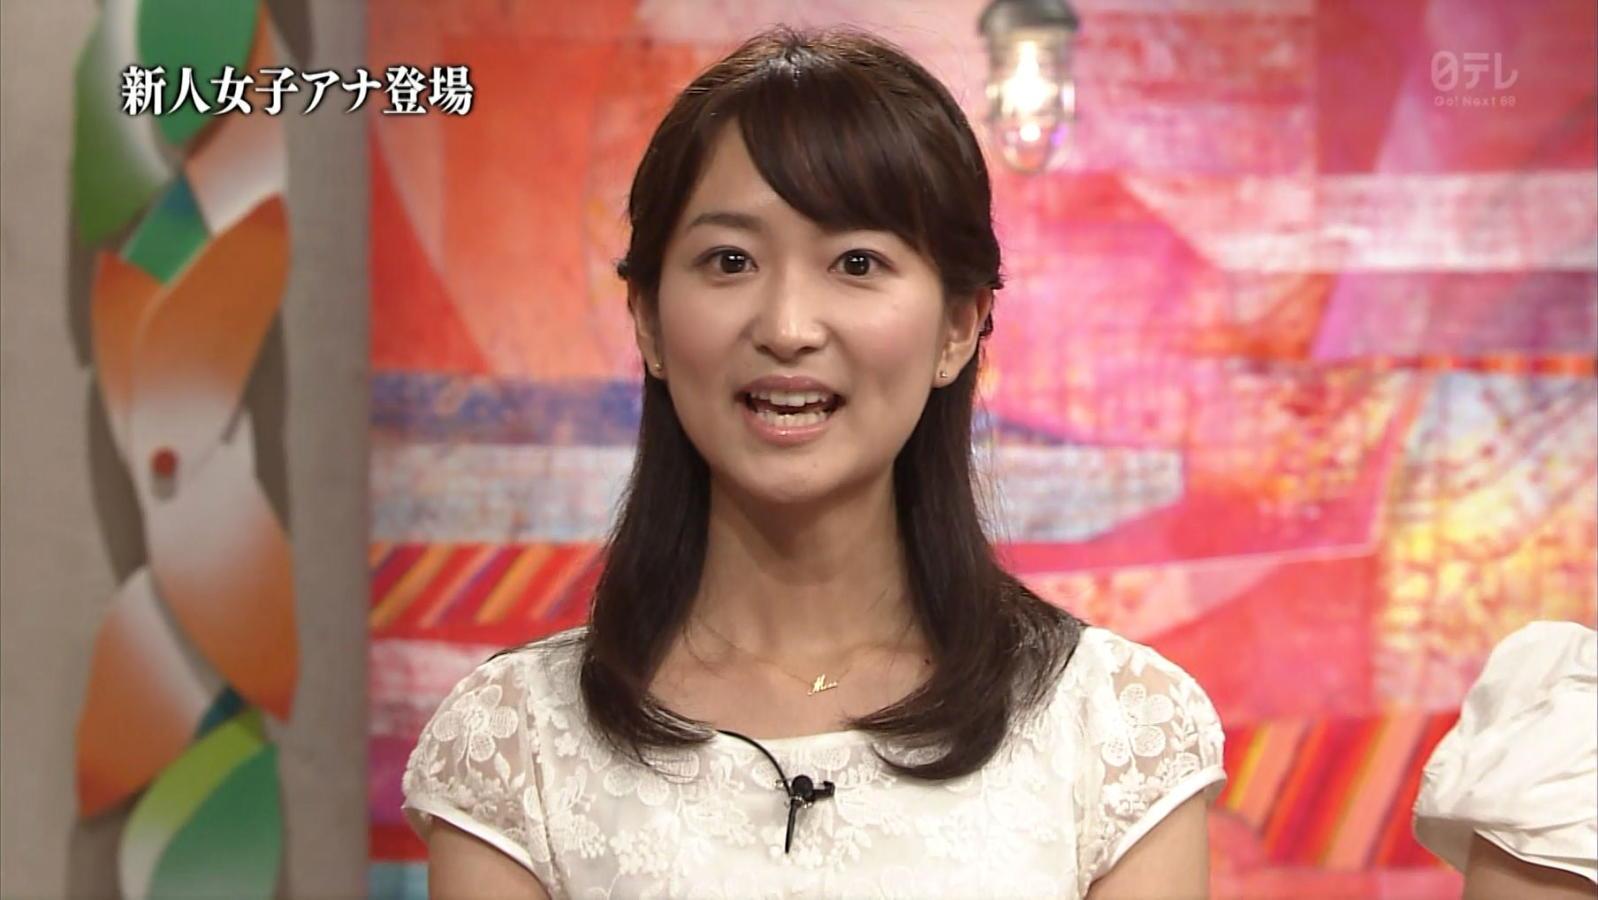 中島芽生 おしゃれイズム 13/08/...